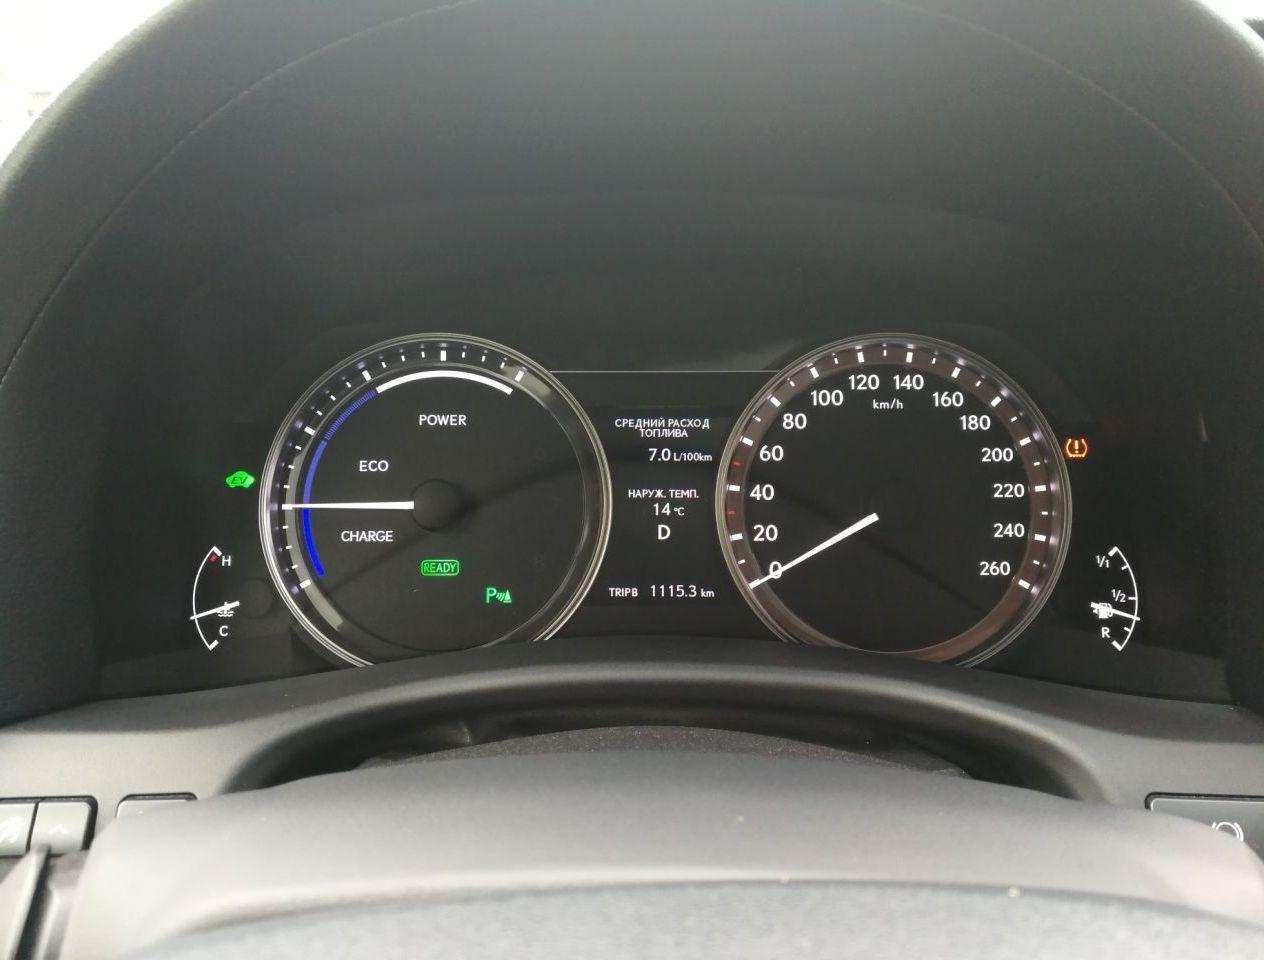 средний, летний расход после нескольких сот.км по трассе (кондиционер ON, скоростной режим 110-130)